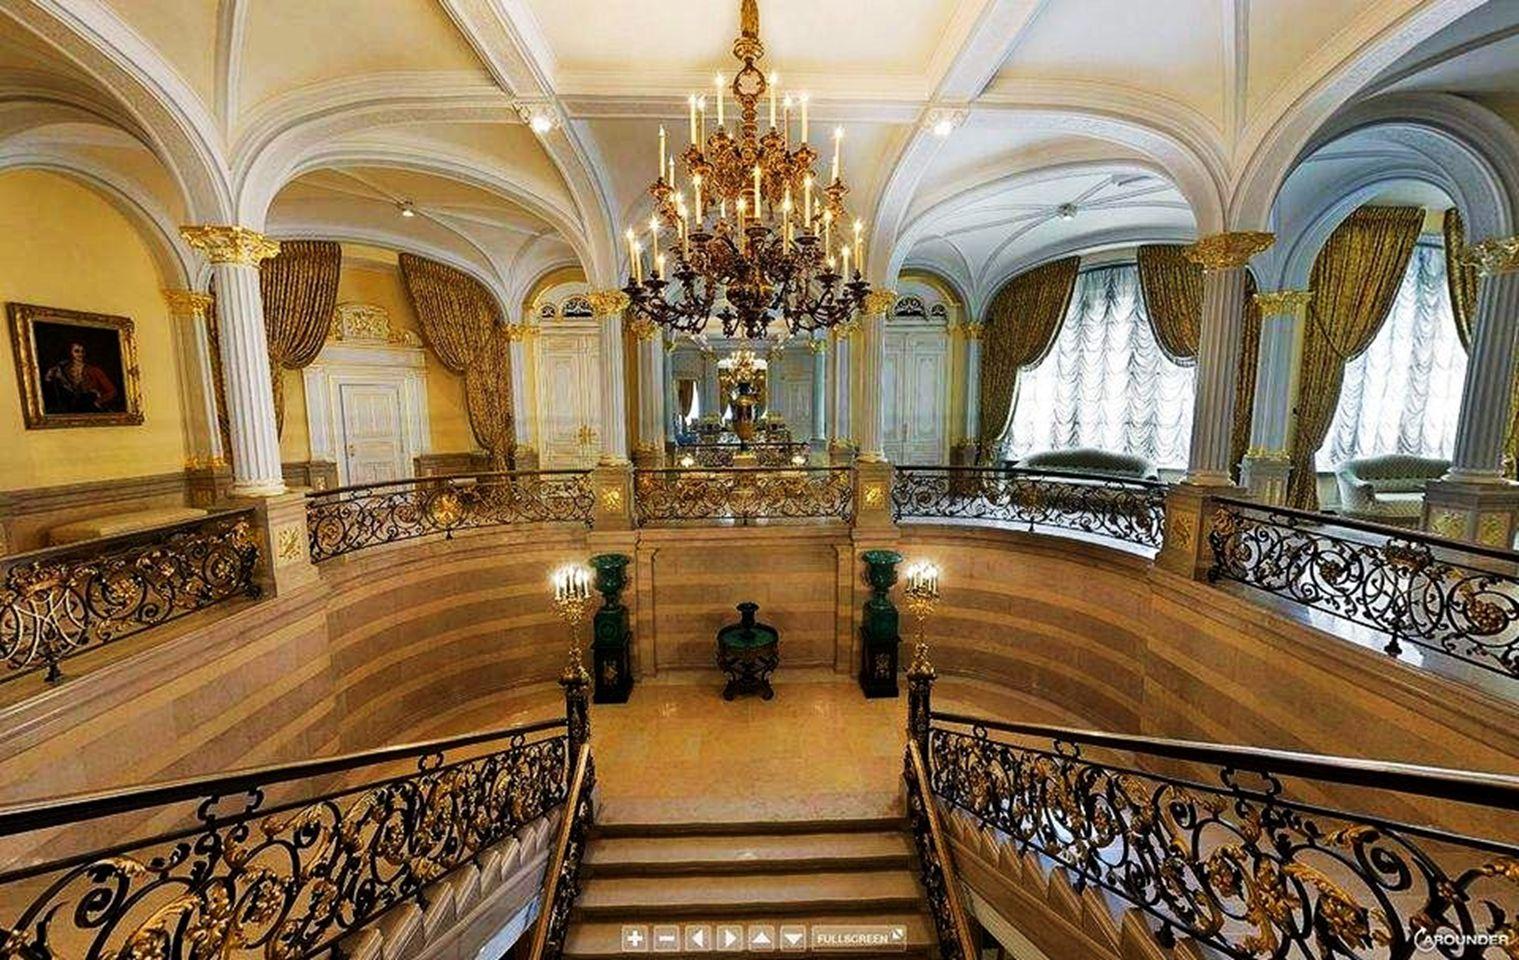 Palacio Gran Ducal, residencia del Gran Duque Ducal Grand palace, residence of the Grand Duke